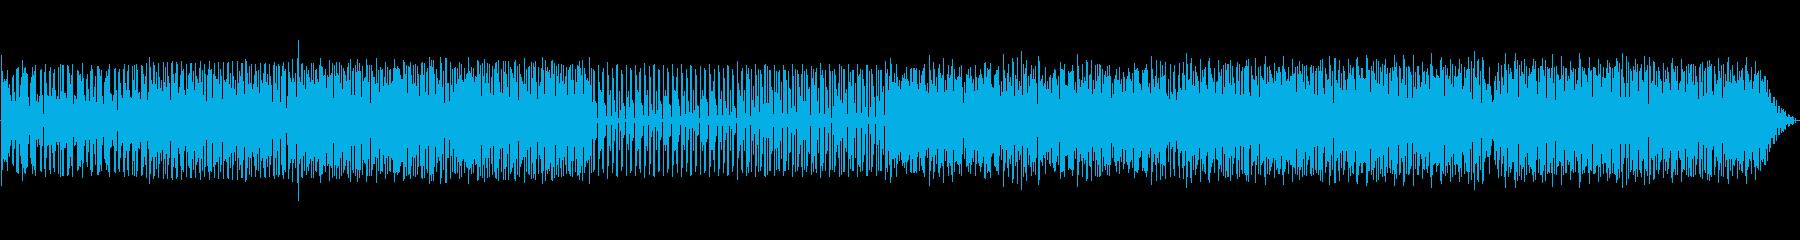 プログレッシブハウス。通常のグルー...の再生済みの波形